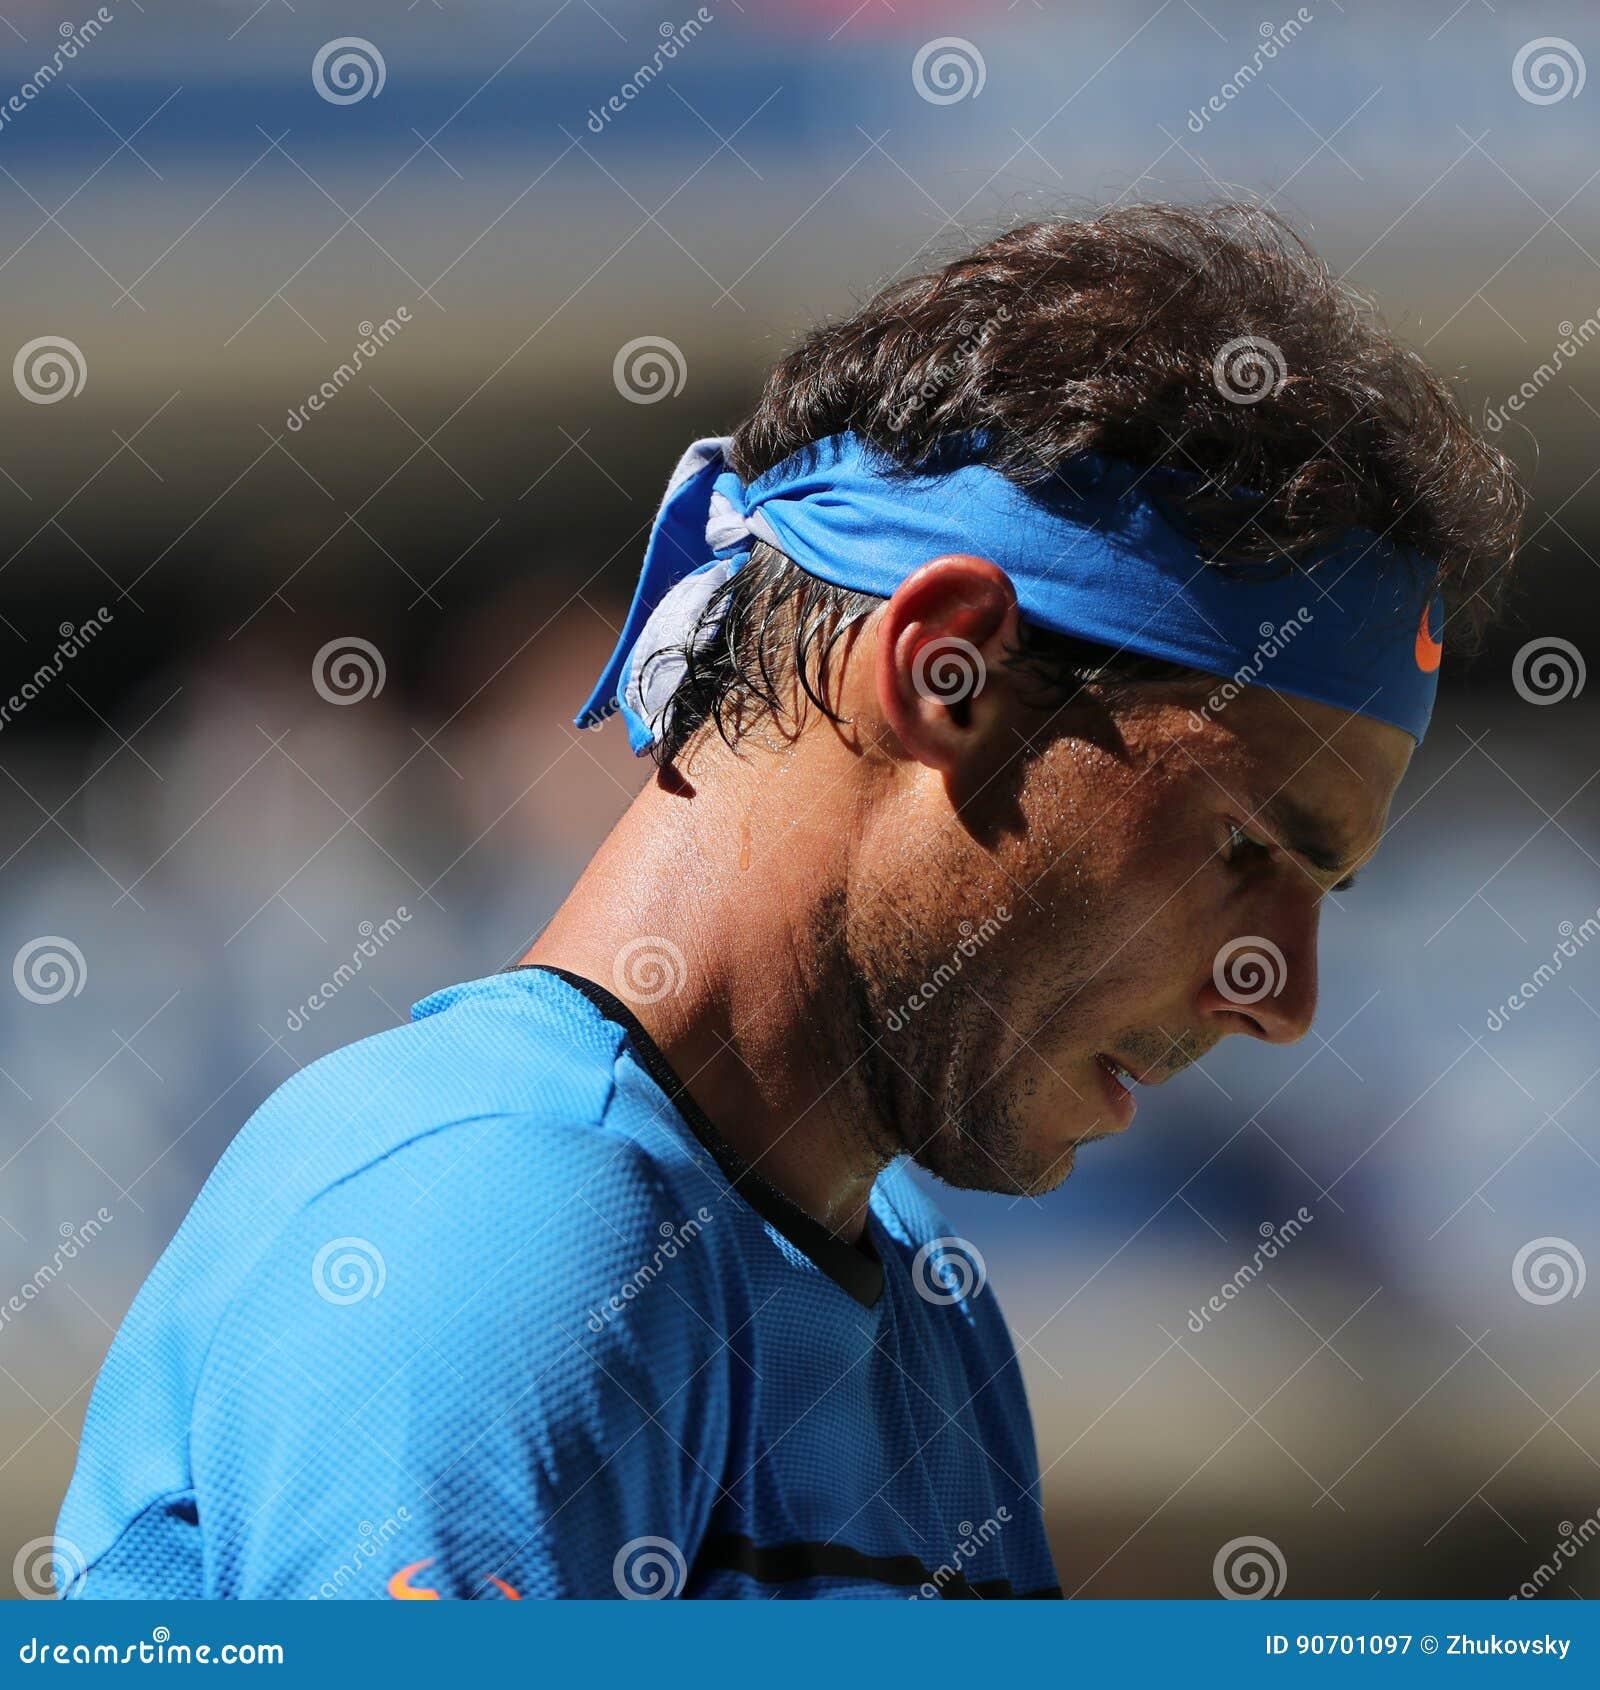 Campeón Rafael Nadal del Grand Slam de España en la acción durante su partido de la ronda del US Open 2016 primero